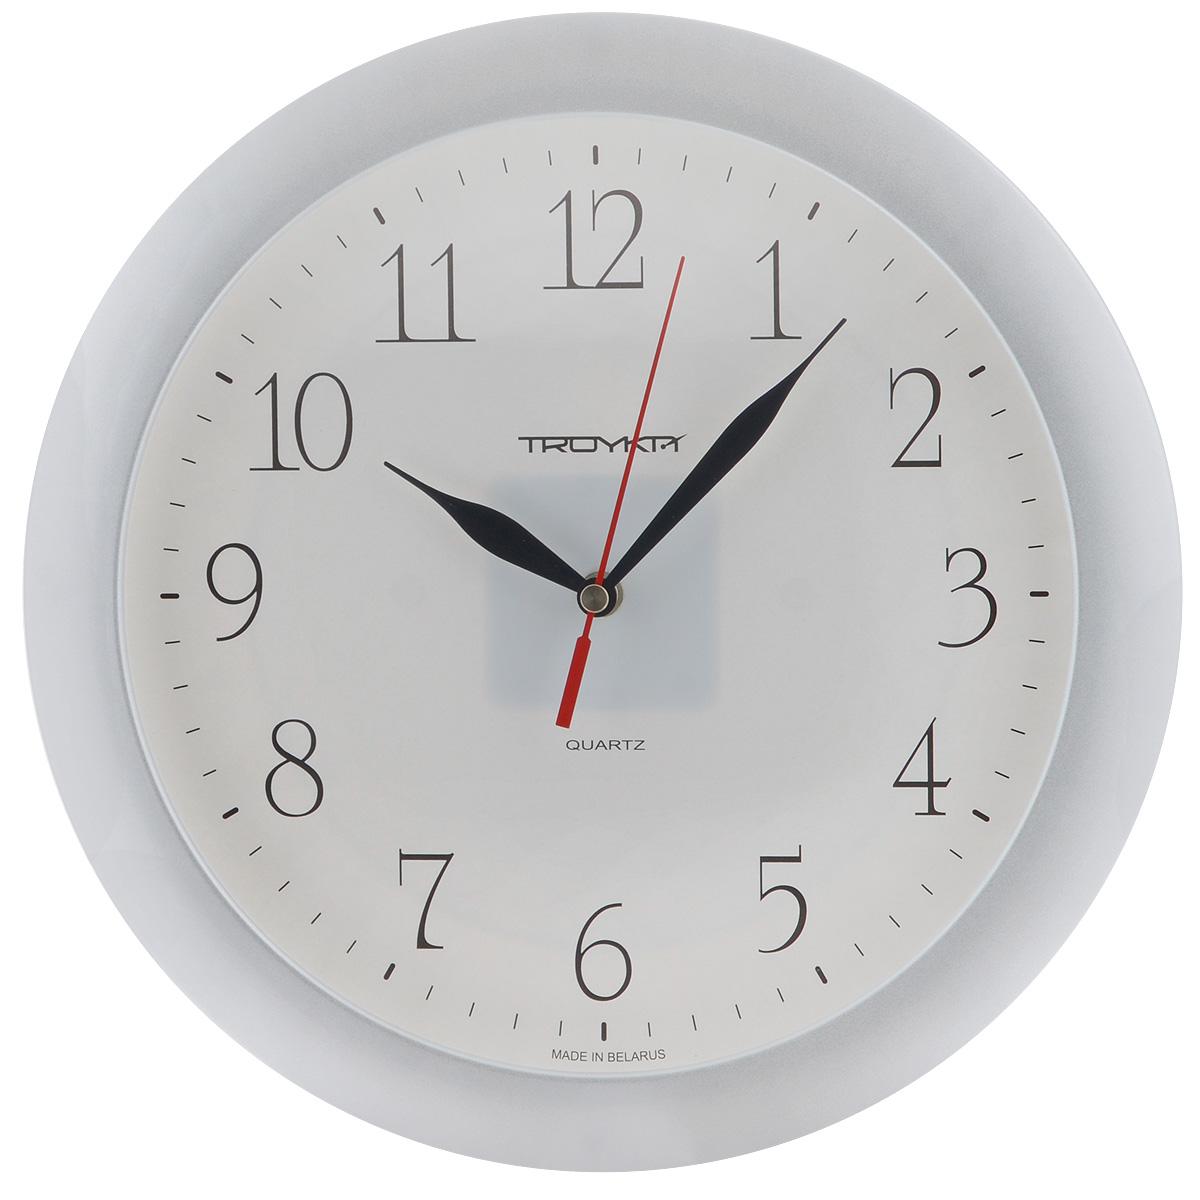 Часы настенные Troyka, цвет: серебристый. 1117011311170113Настенные кварцевые часы с классическим дизайном Troyka, изготовленные из пластика, прекрасно подойдут под интерьер вашего дома. Круглые часы имеют три стрелки: часовую, минутную и секундную, циферблат защищен прозрачным пластиком. Диаметр часов: 29 см. Часы работают от 1 батарейки типа АА напряжением 1,5 В (входит в комплект). Материал: пластик; размер: диаметр 290 мм; цвет: золотой